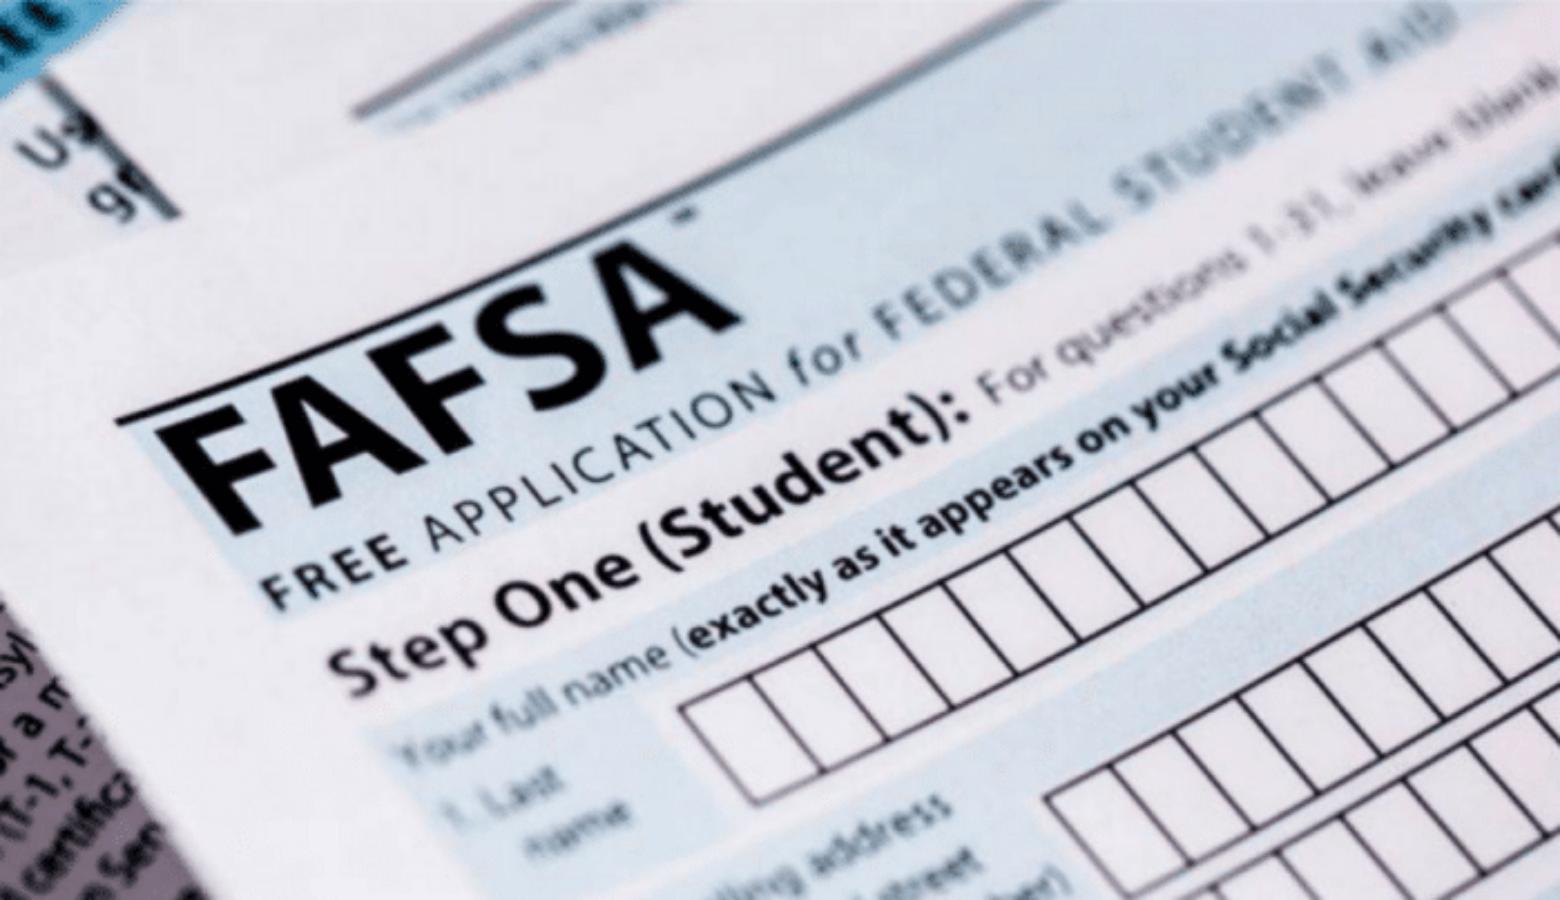 FAFSA Process Now Open